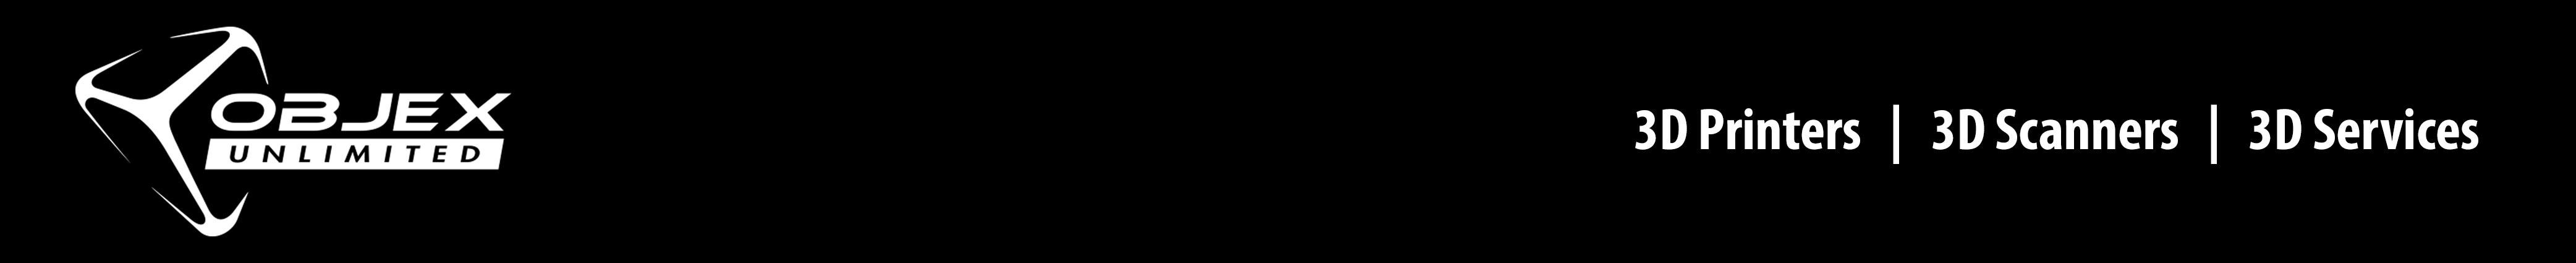 Objex_Header_2017.jpg